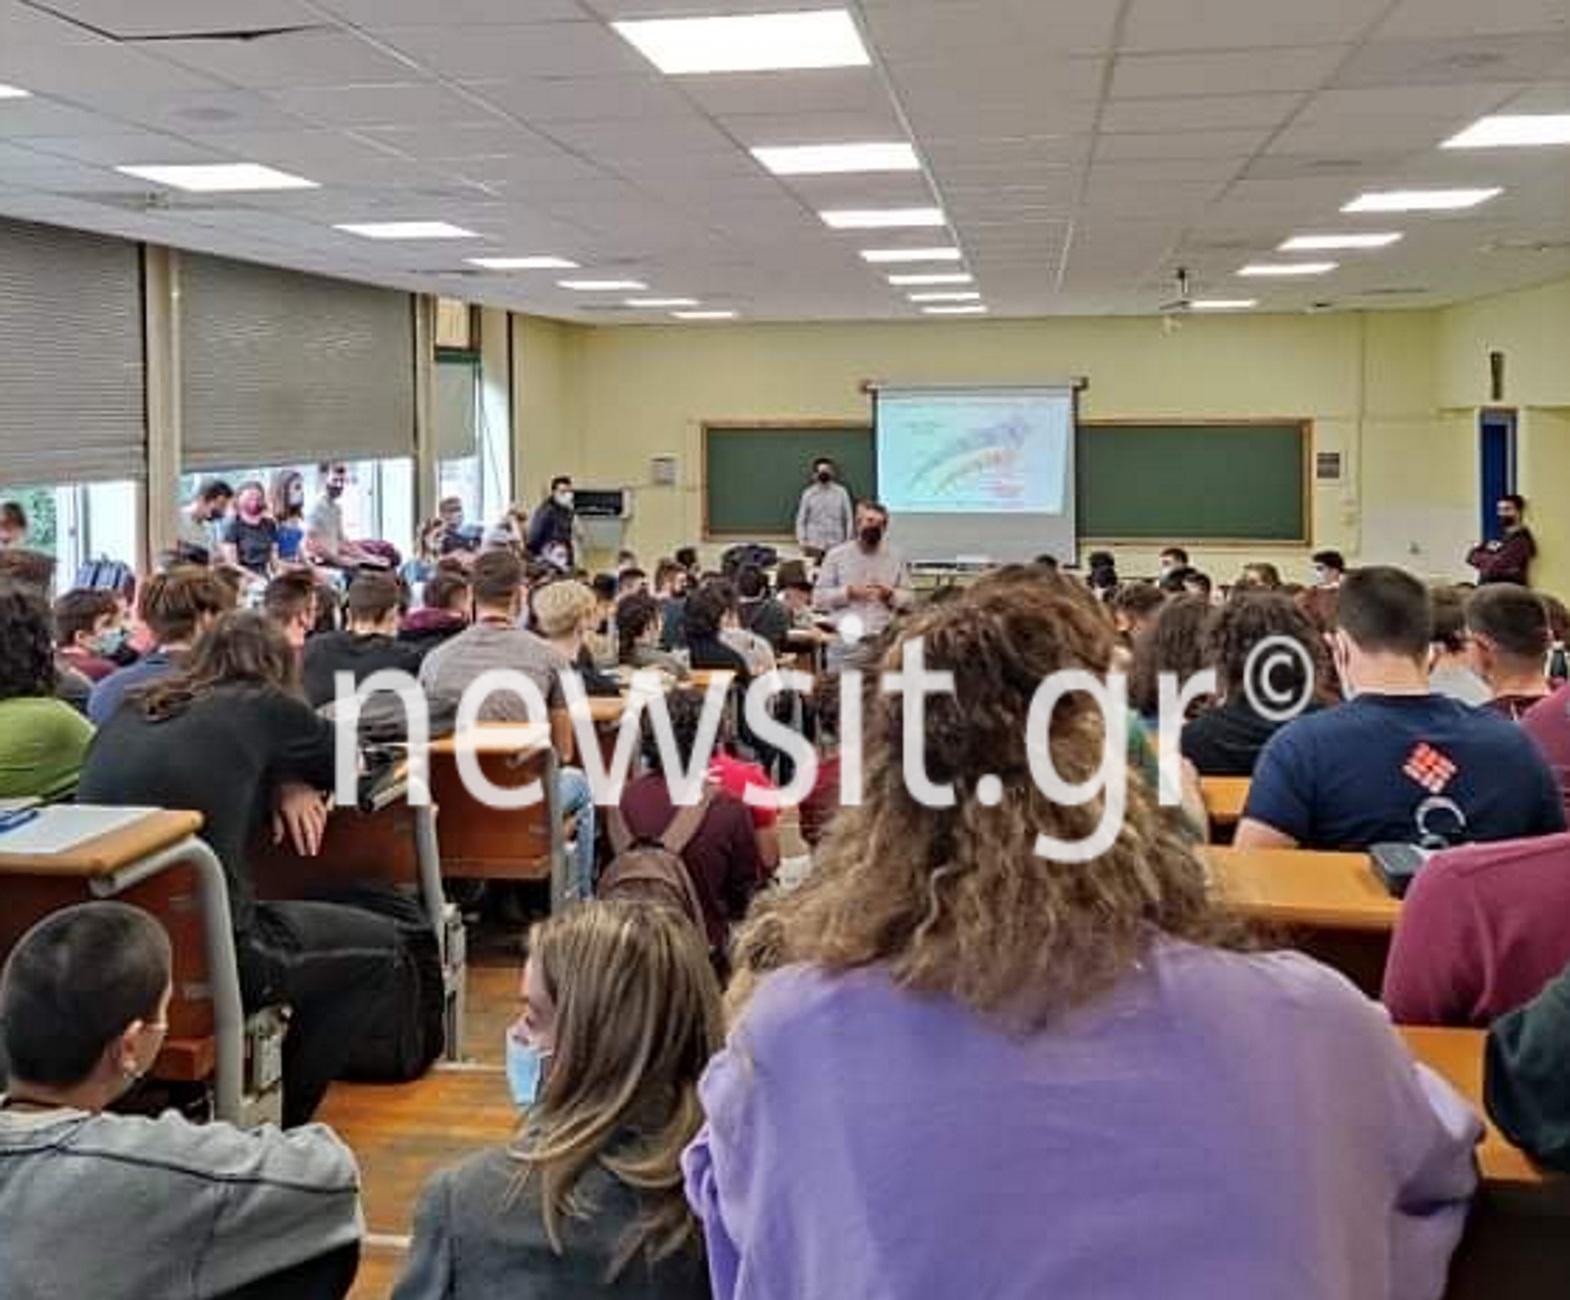 Θεσσαλονίκη: Νέες απίστευτες εικόνες συνωστισμού στο ΑΠΘ – Φοιτητές κάθονται μέχρι στα παράθυρα